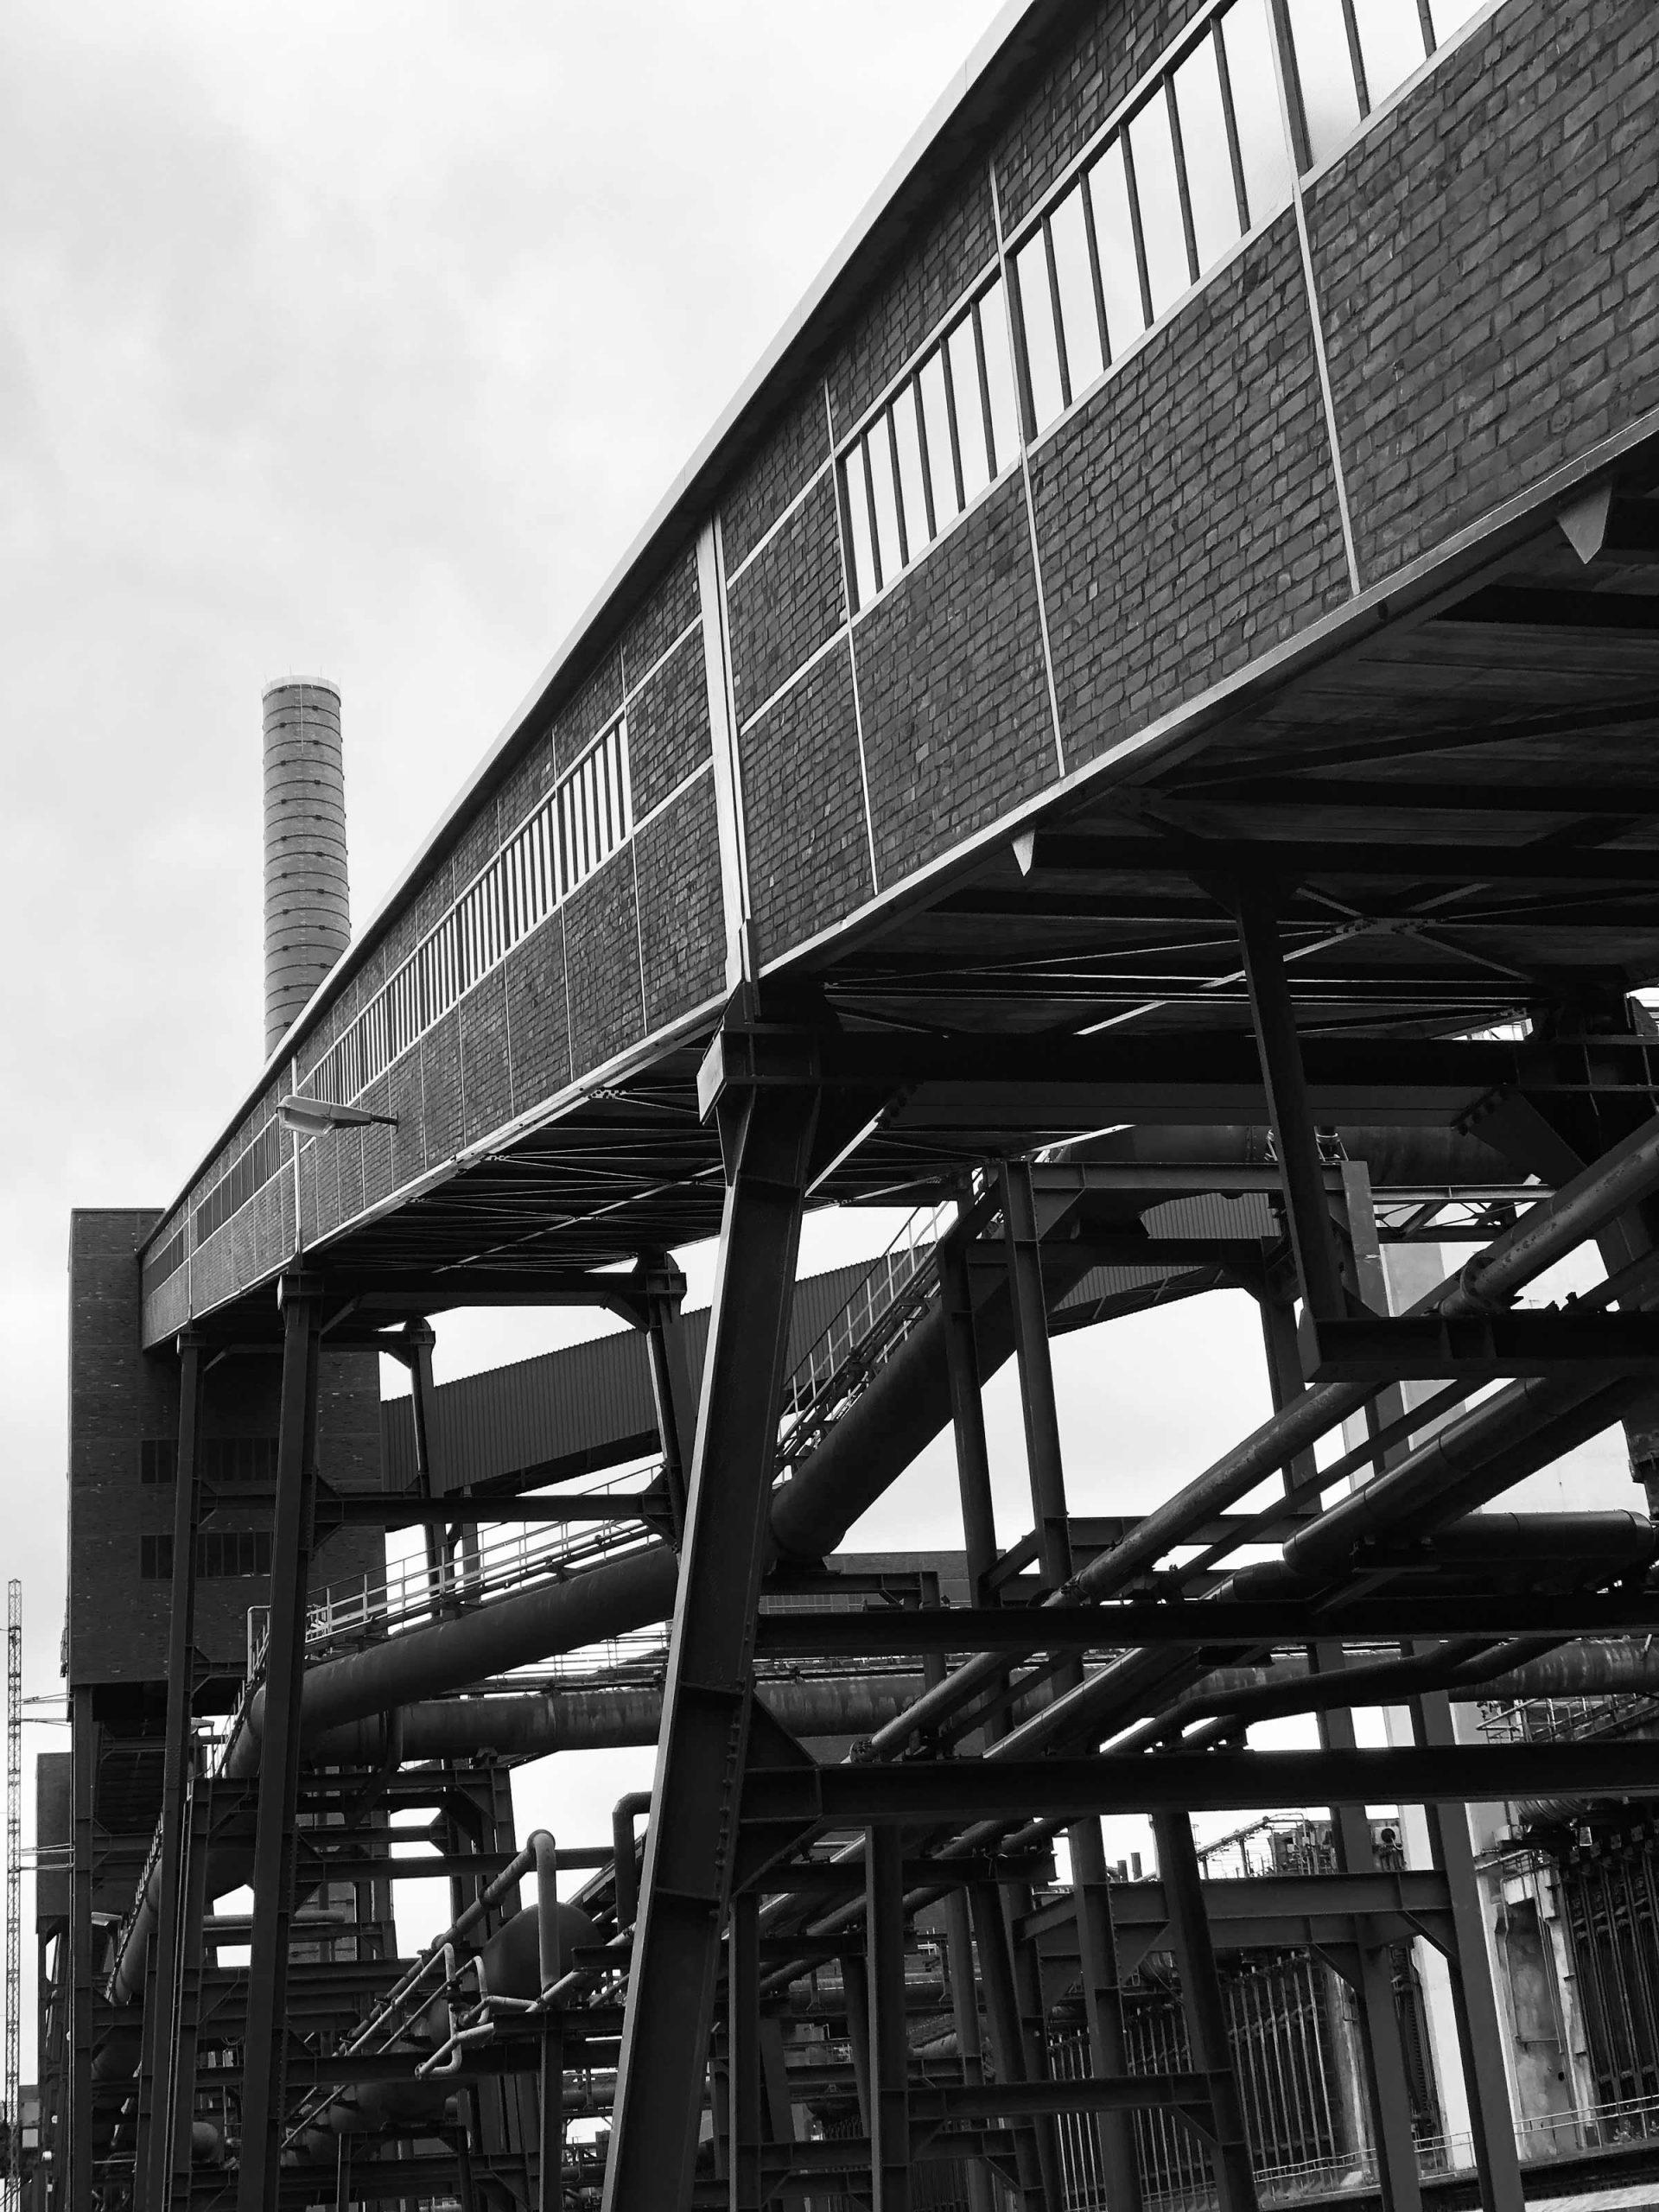 Zeche Zollverein Essen Förderbänder